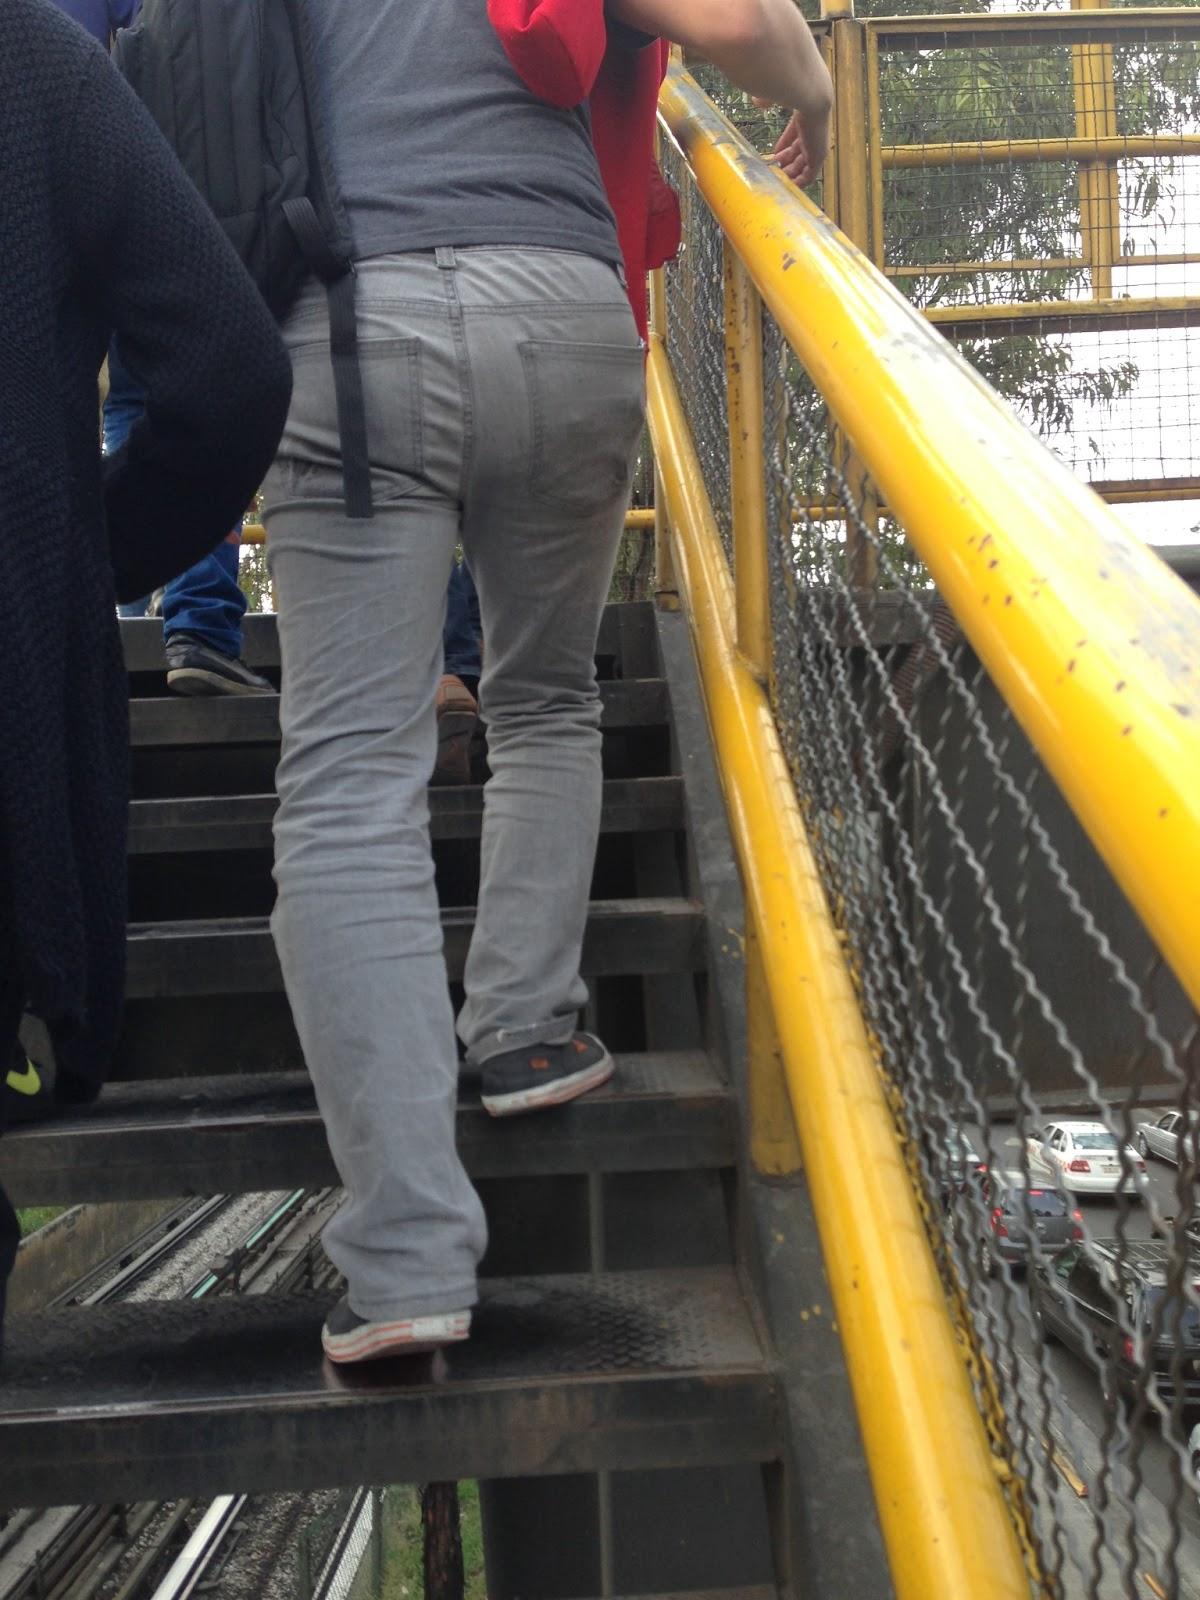 Culito en jeans la paz bolivia voyeur - 5 2